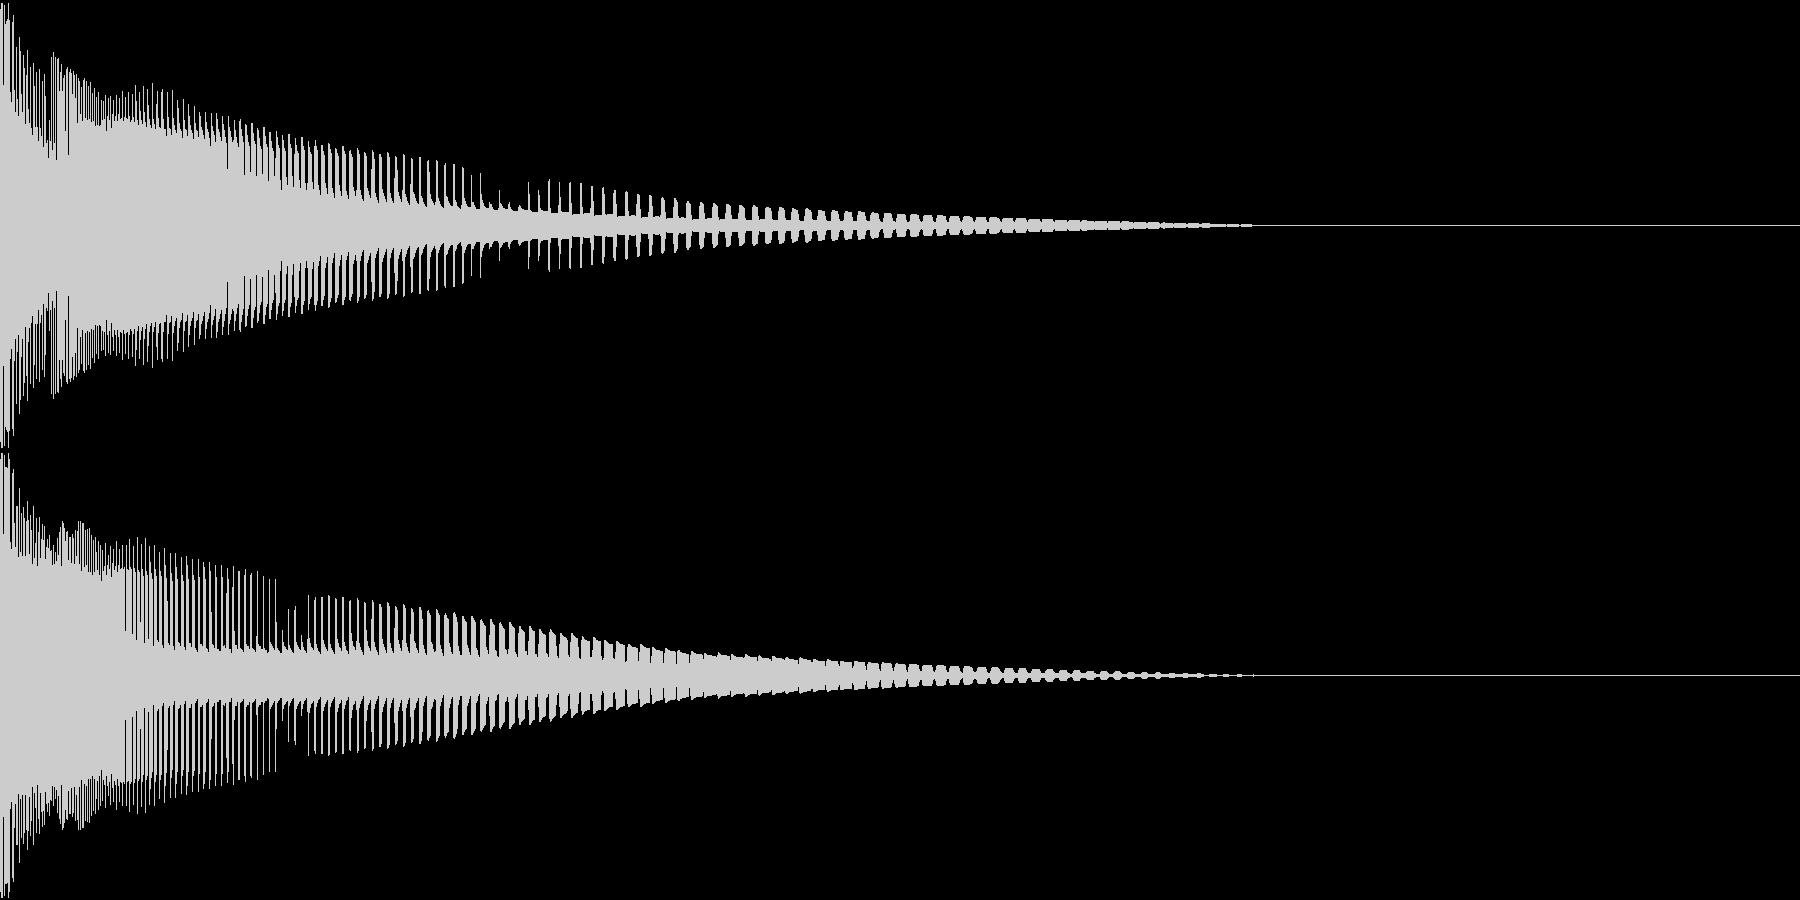 Henteko 可愛いクラッシュ音 2の未再生の波形